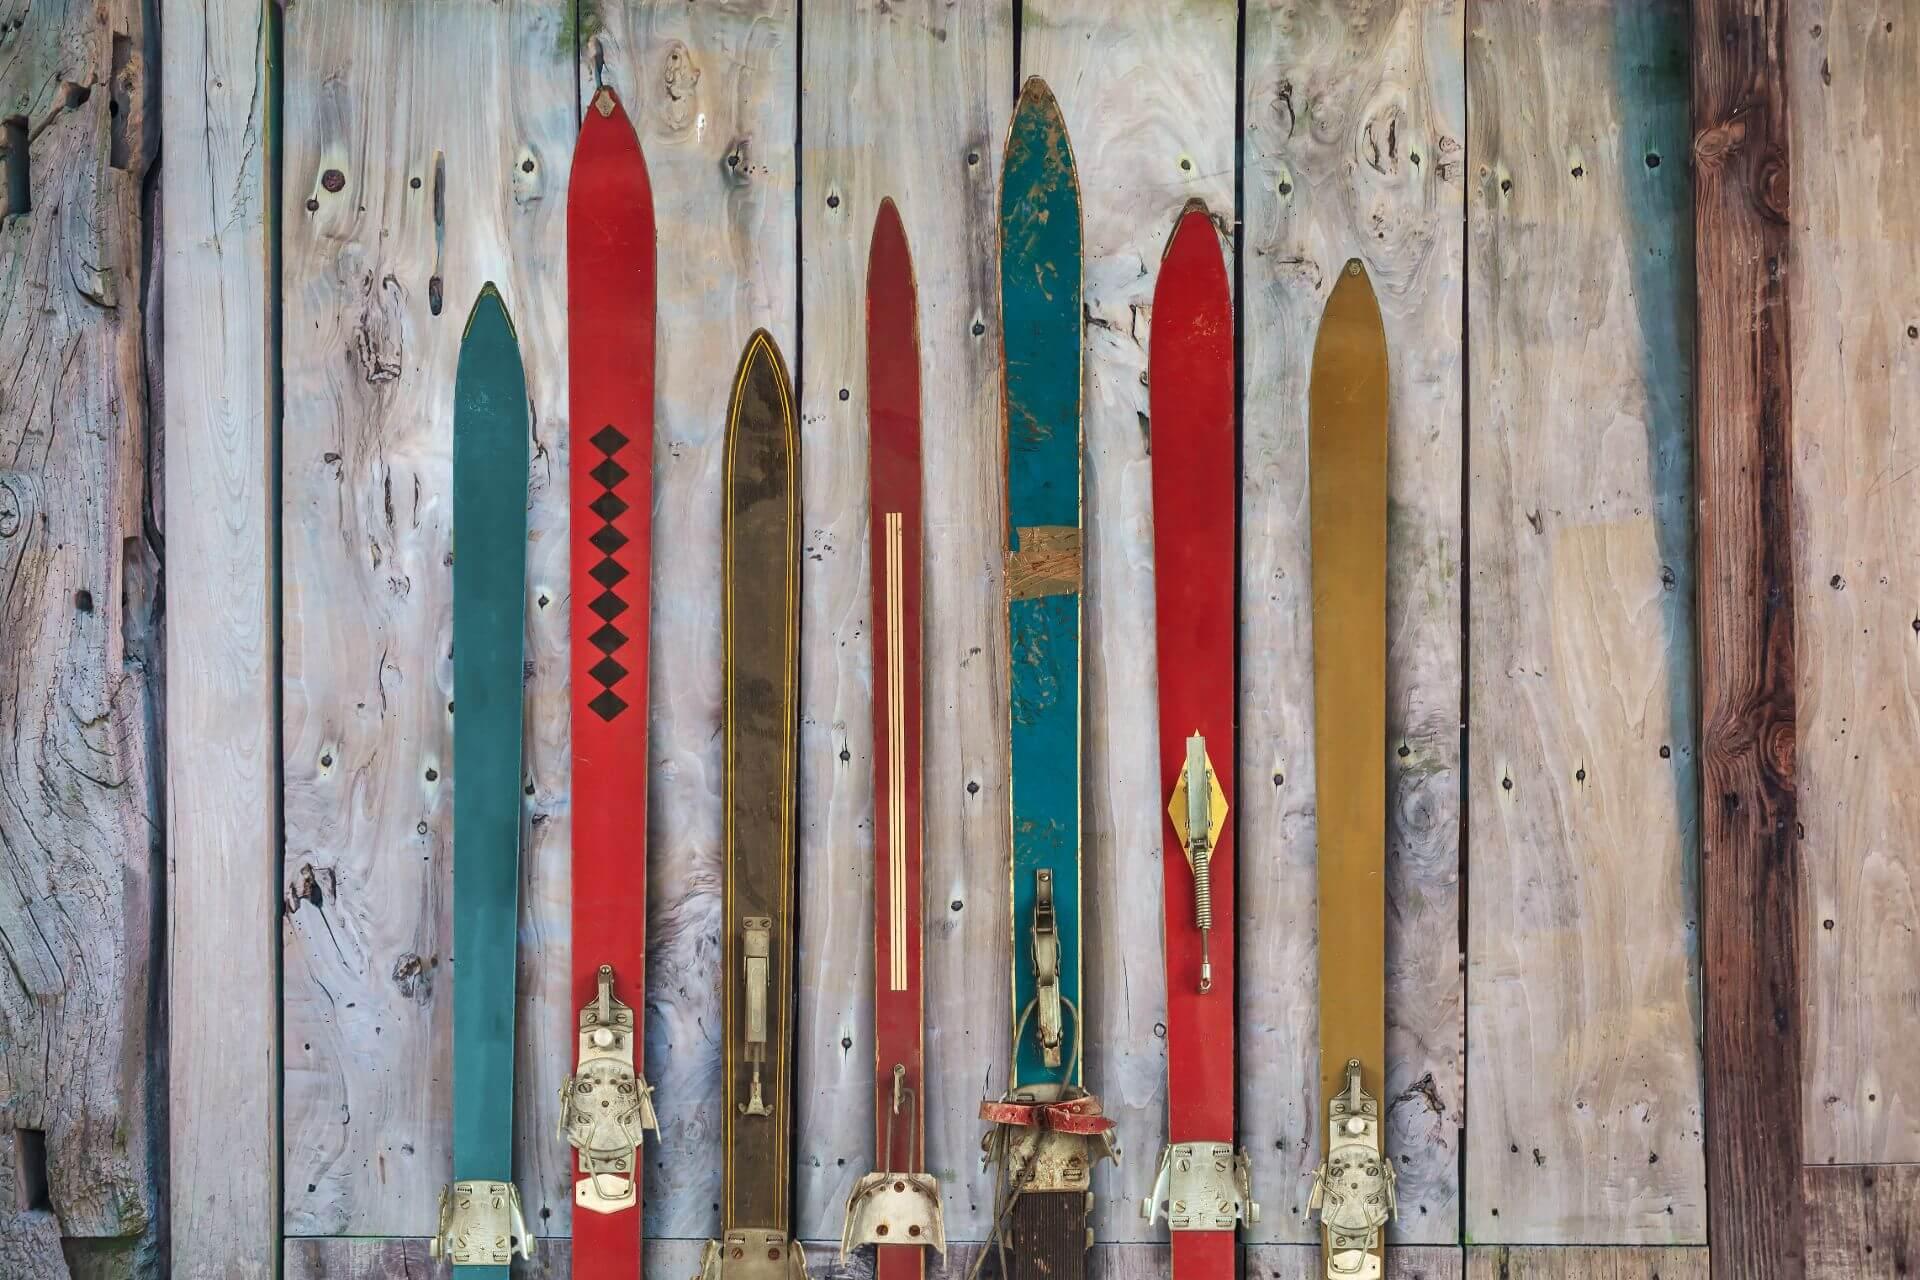 """Der Name """"Ski"""" leitet sich von dem norwegischen Begriff """"ski"""" ab, der so viel wie """"gespaltenes Holz, Schneeschuh"""" bedeutet."""